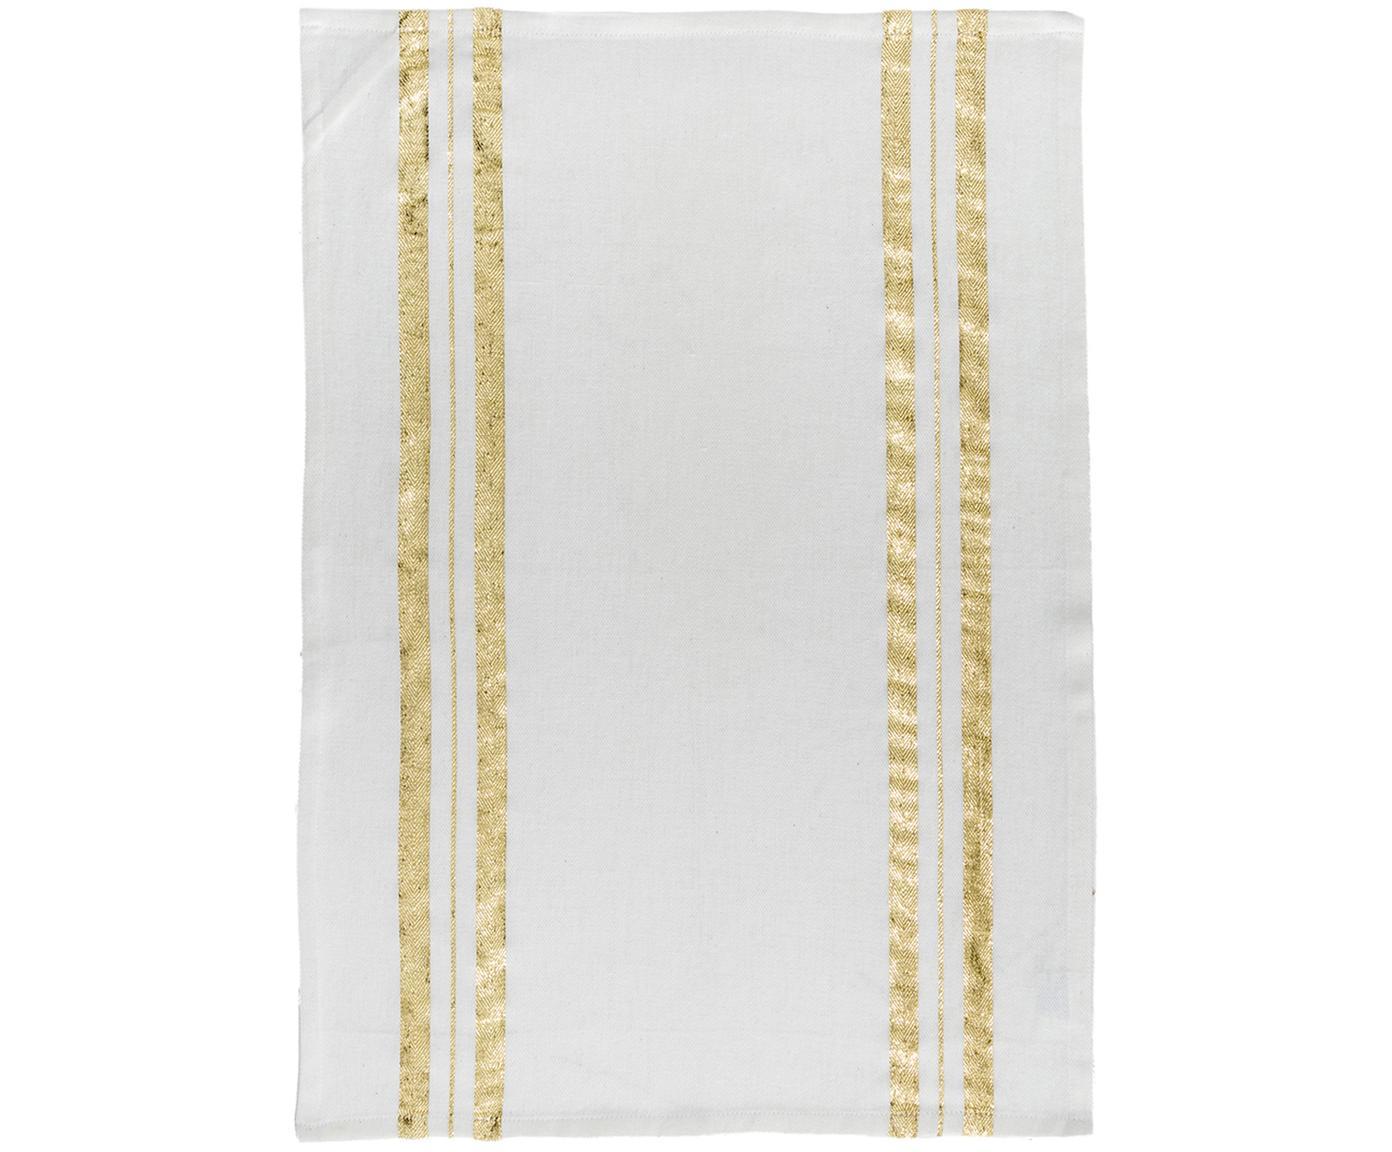 Ręcznik kuchenny Corinne, Bawełna, Biały, odcienie złotego, S 50 x D 70 cm